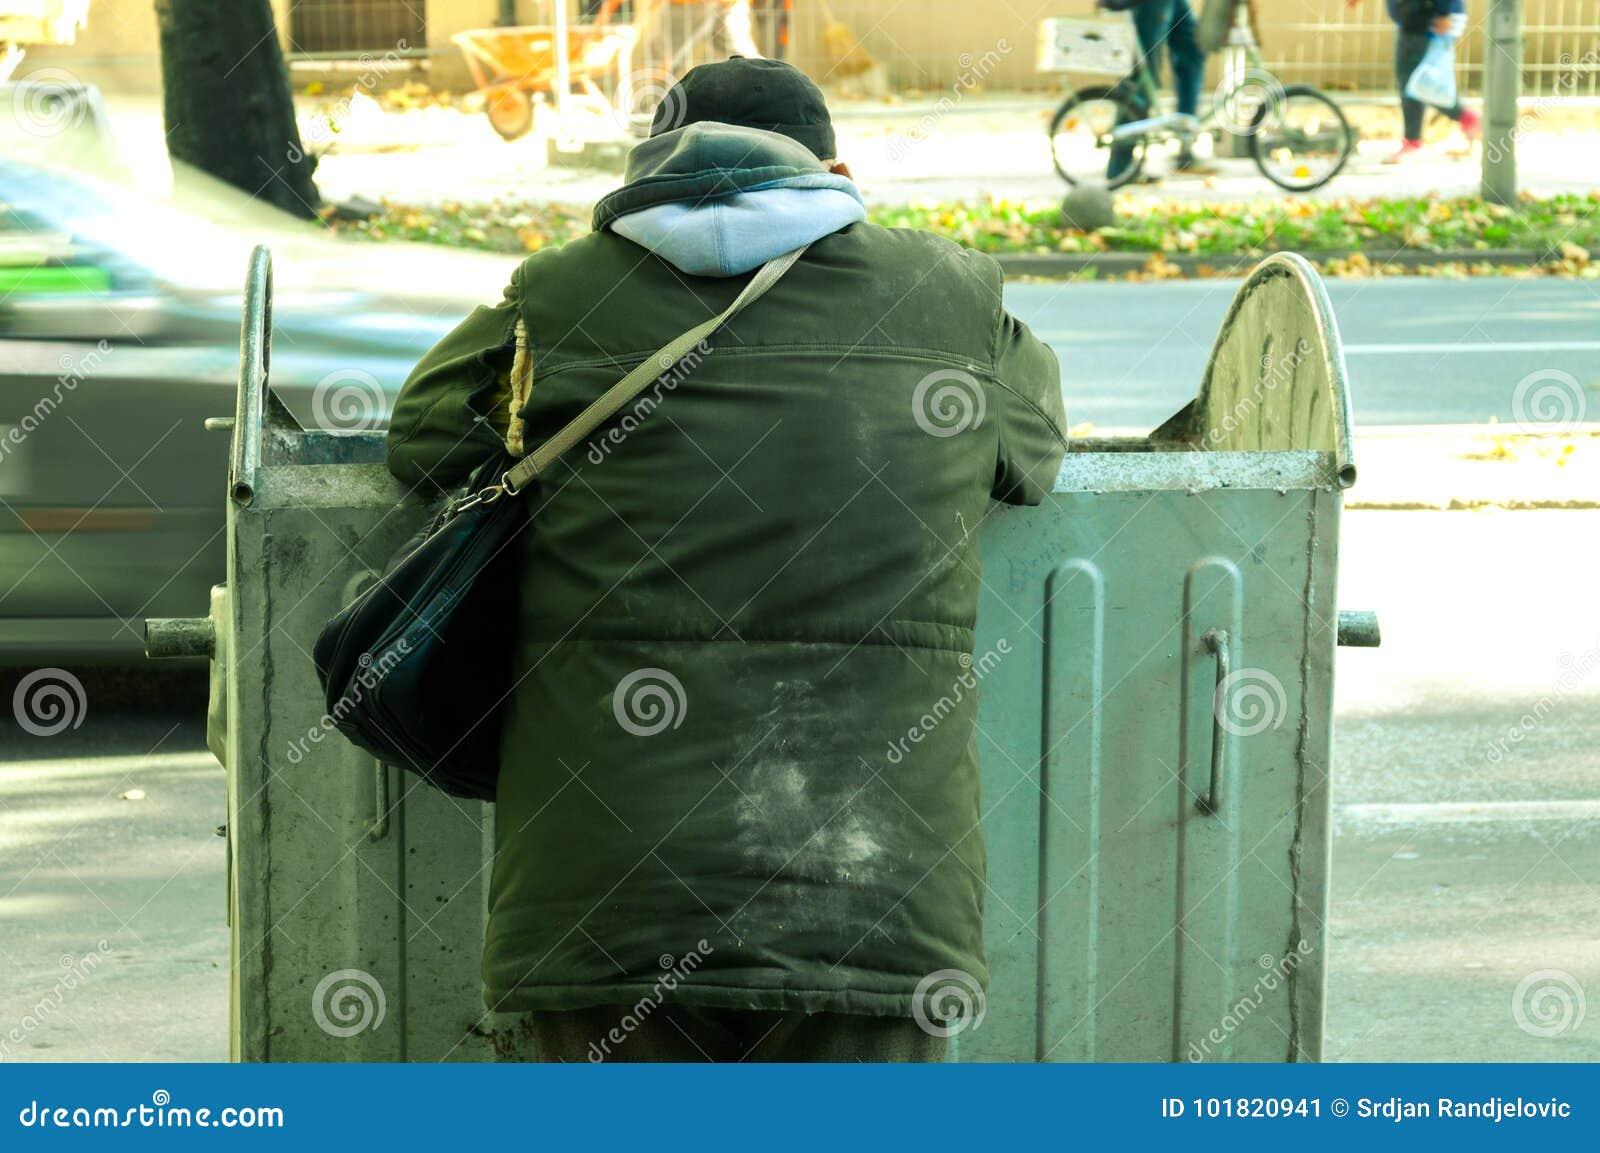 Biedny i głodny bezdomny mężczyzna patrzeje dla jedzenia w śmietniku na miastowej ulicie w mieście w brudnych ubraniach